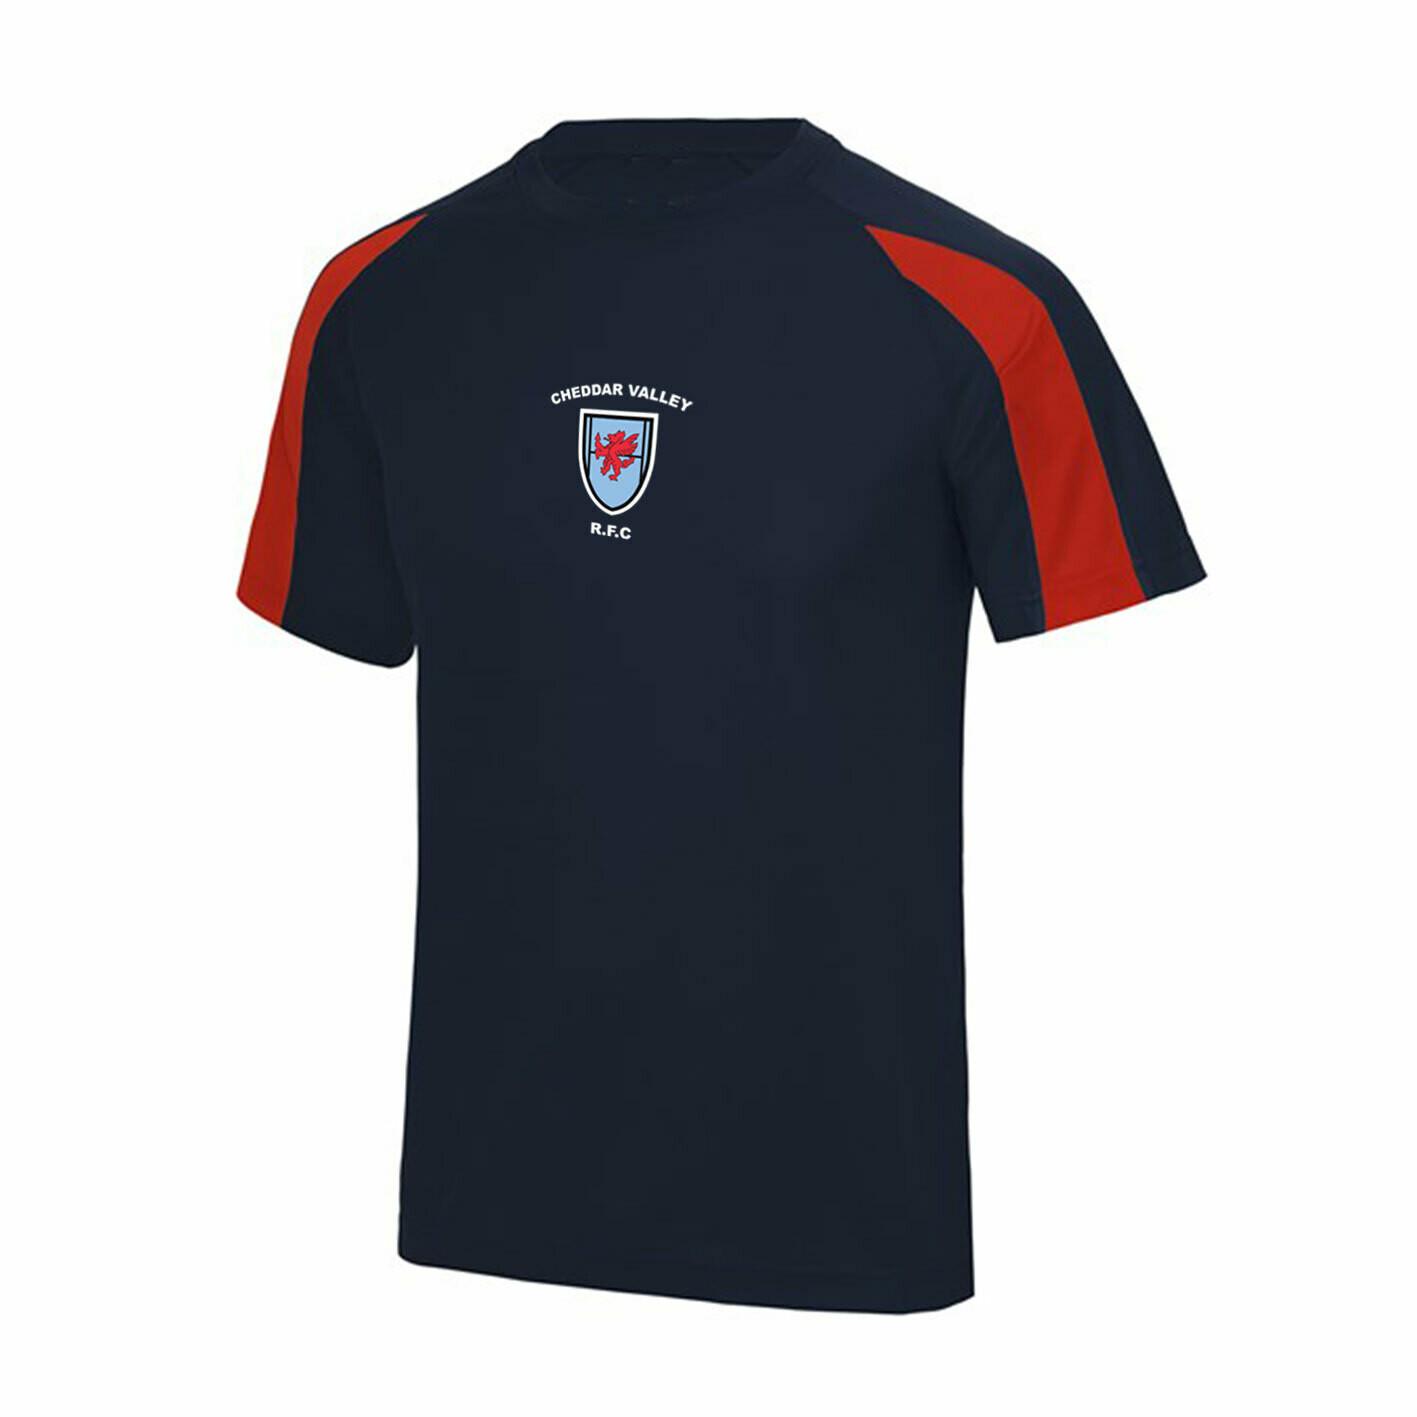 CVRFC Supporter Tech T-shirt